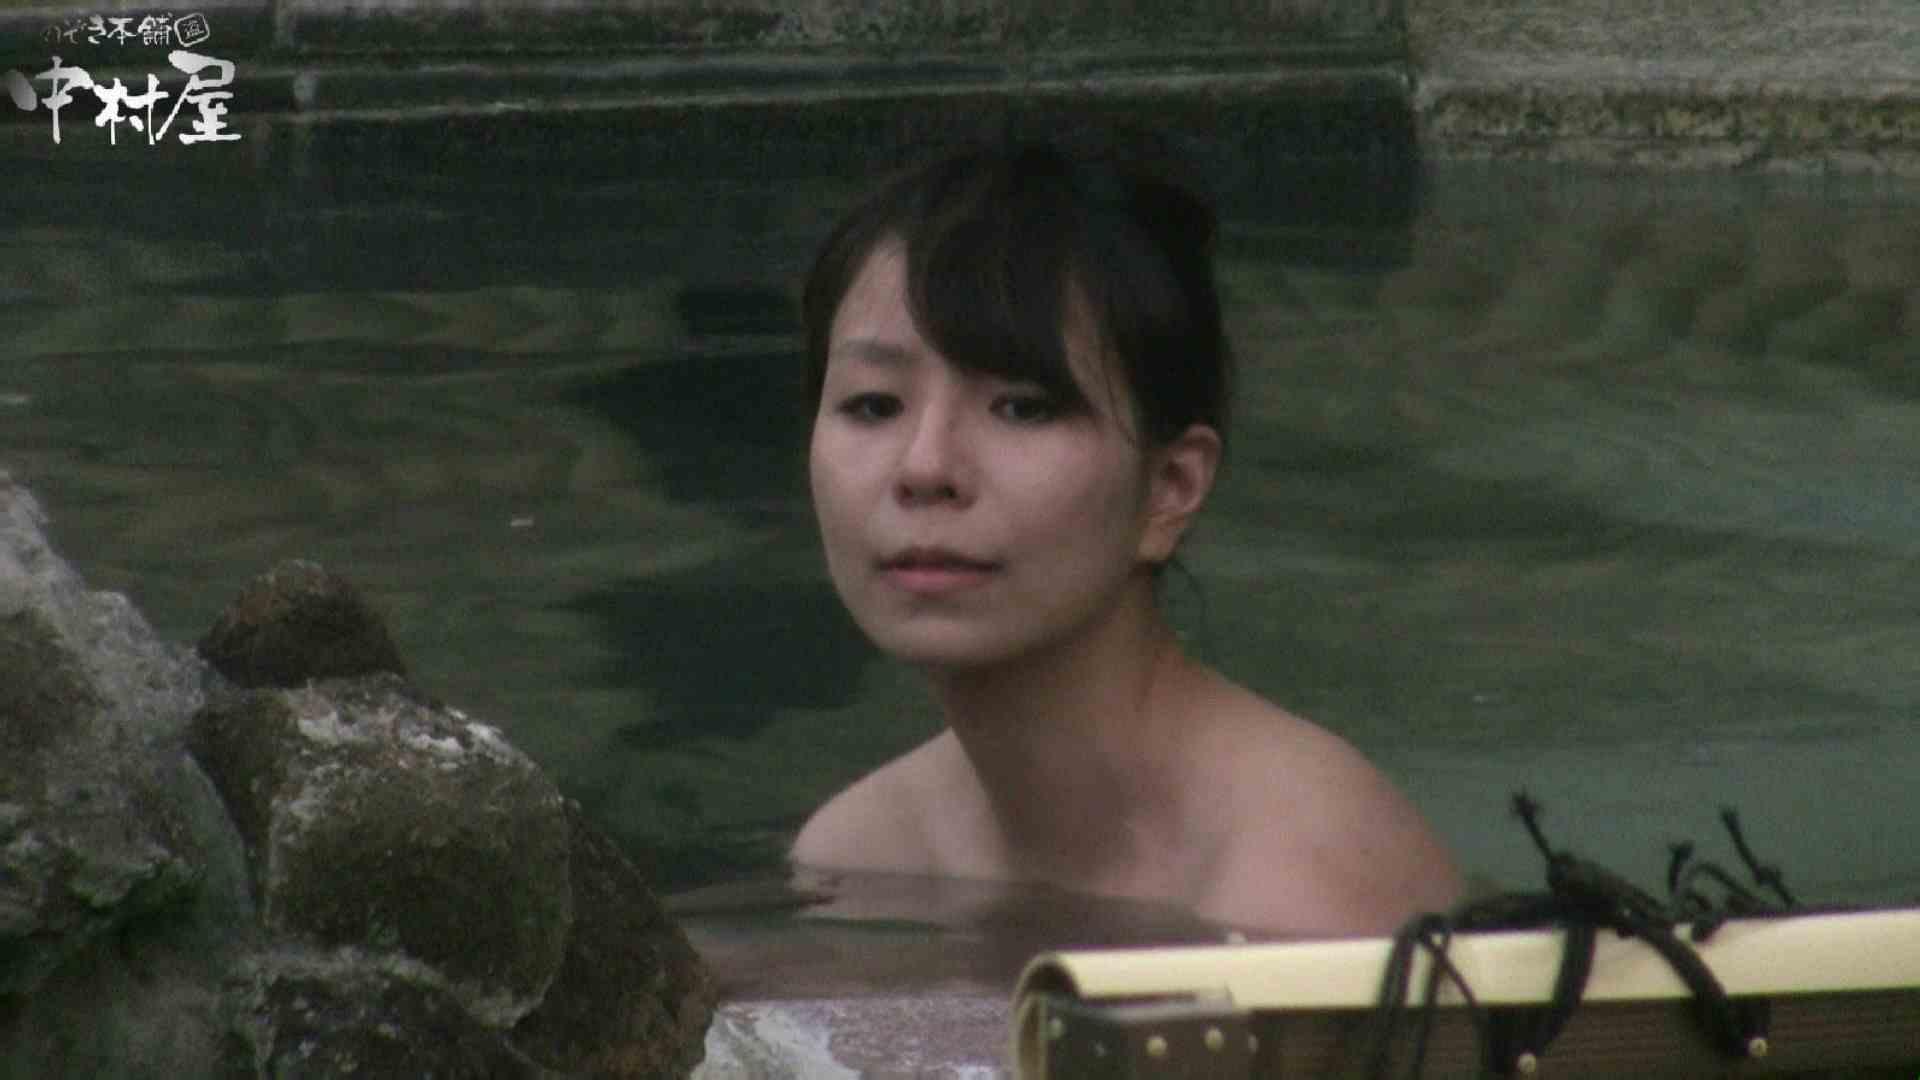 Aquaな露天風呂Vol.930 露天   盗撮  72pic 39